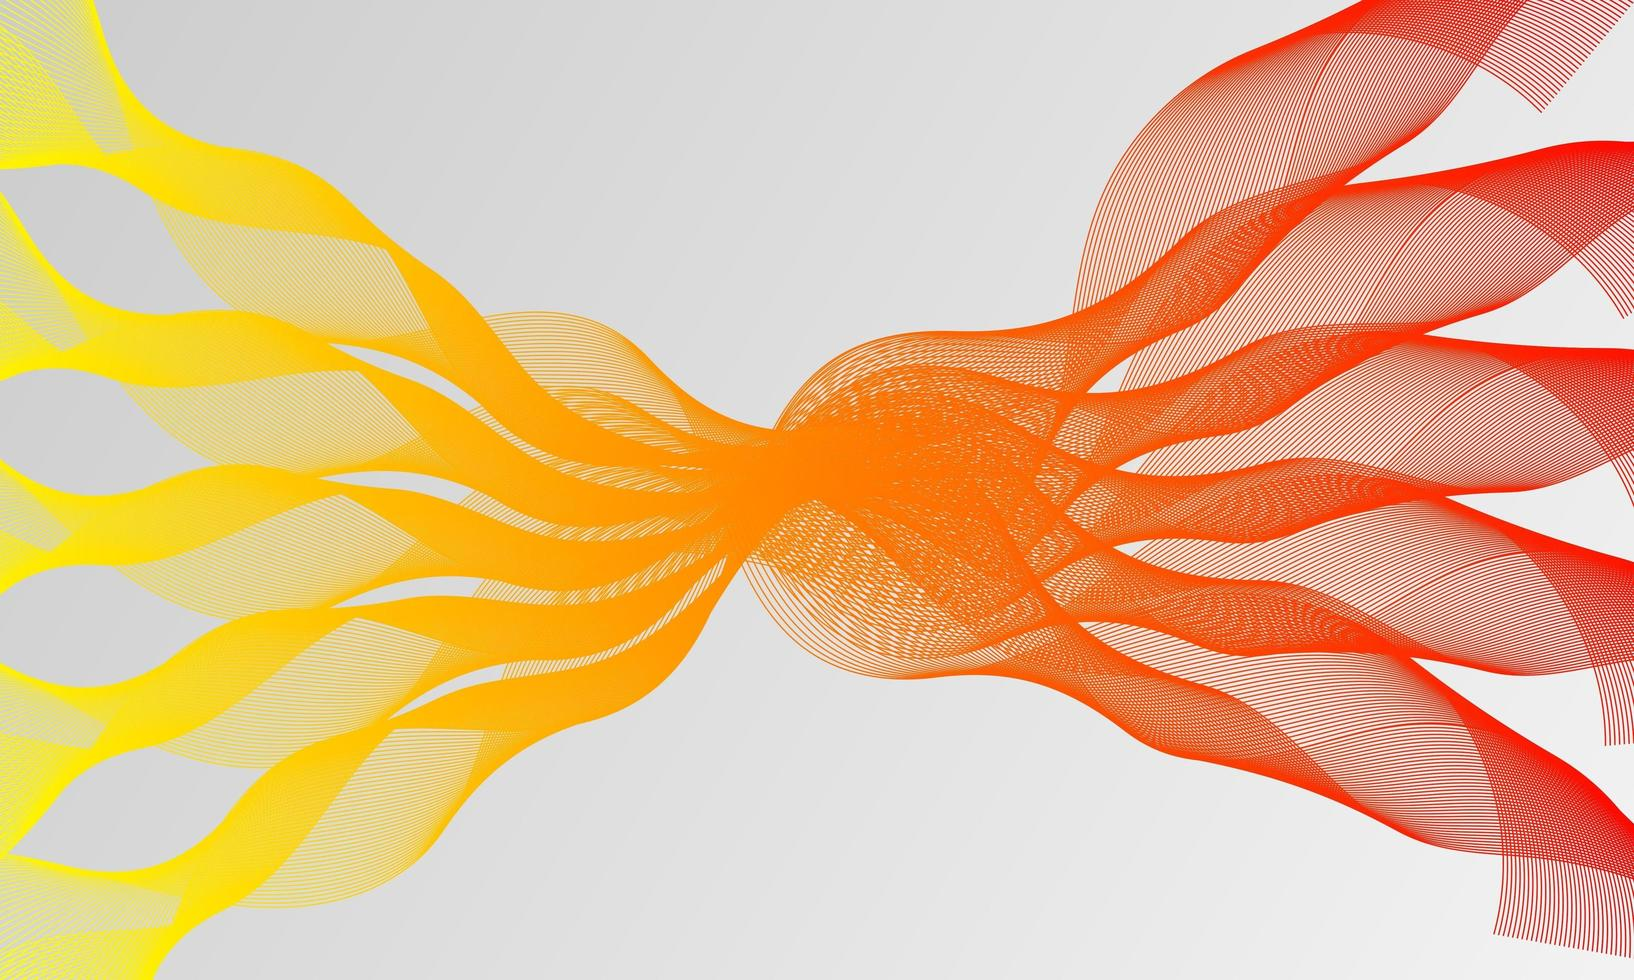 vektor abstrakt bakgrund med dynamiska vågor